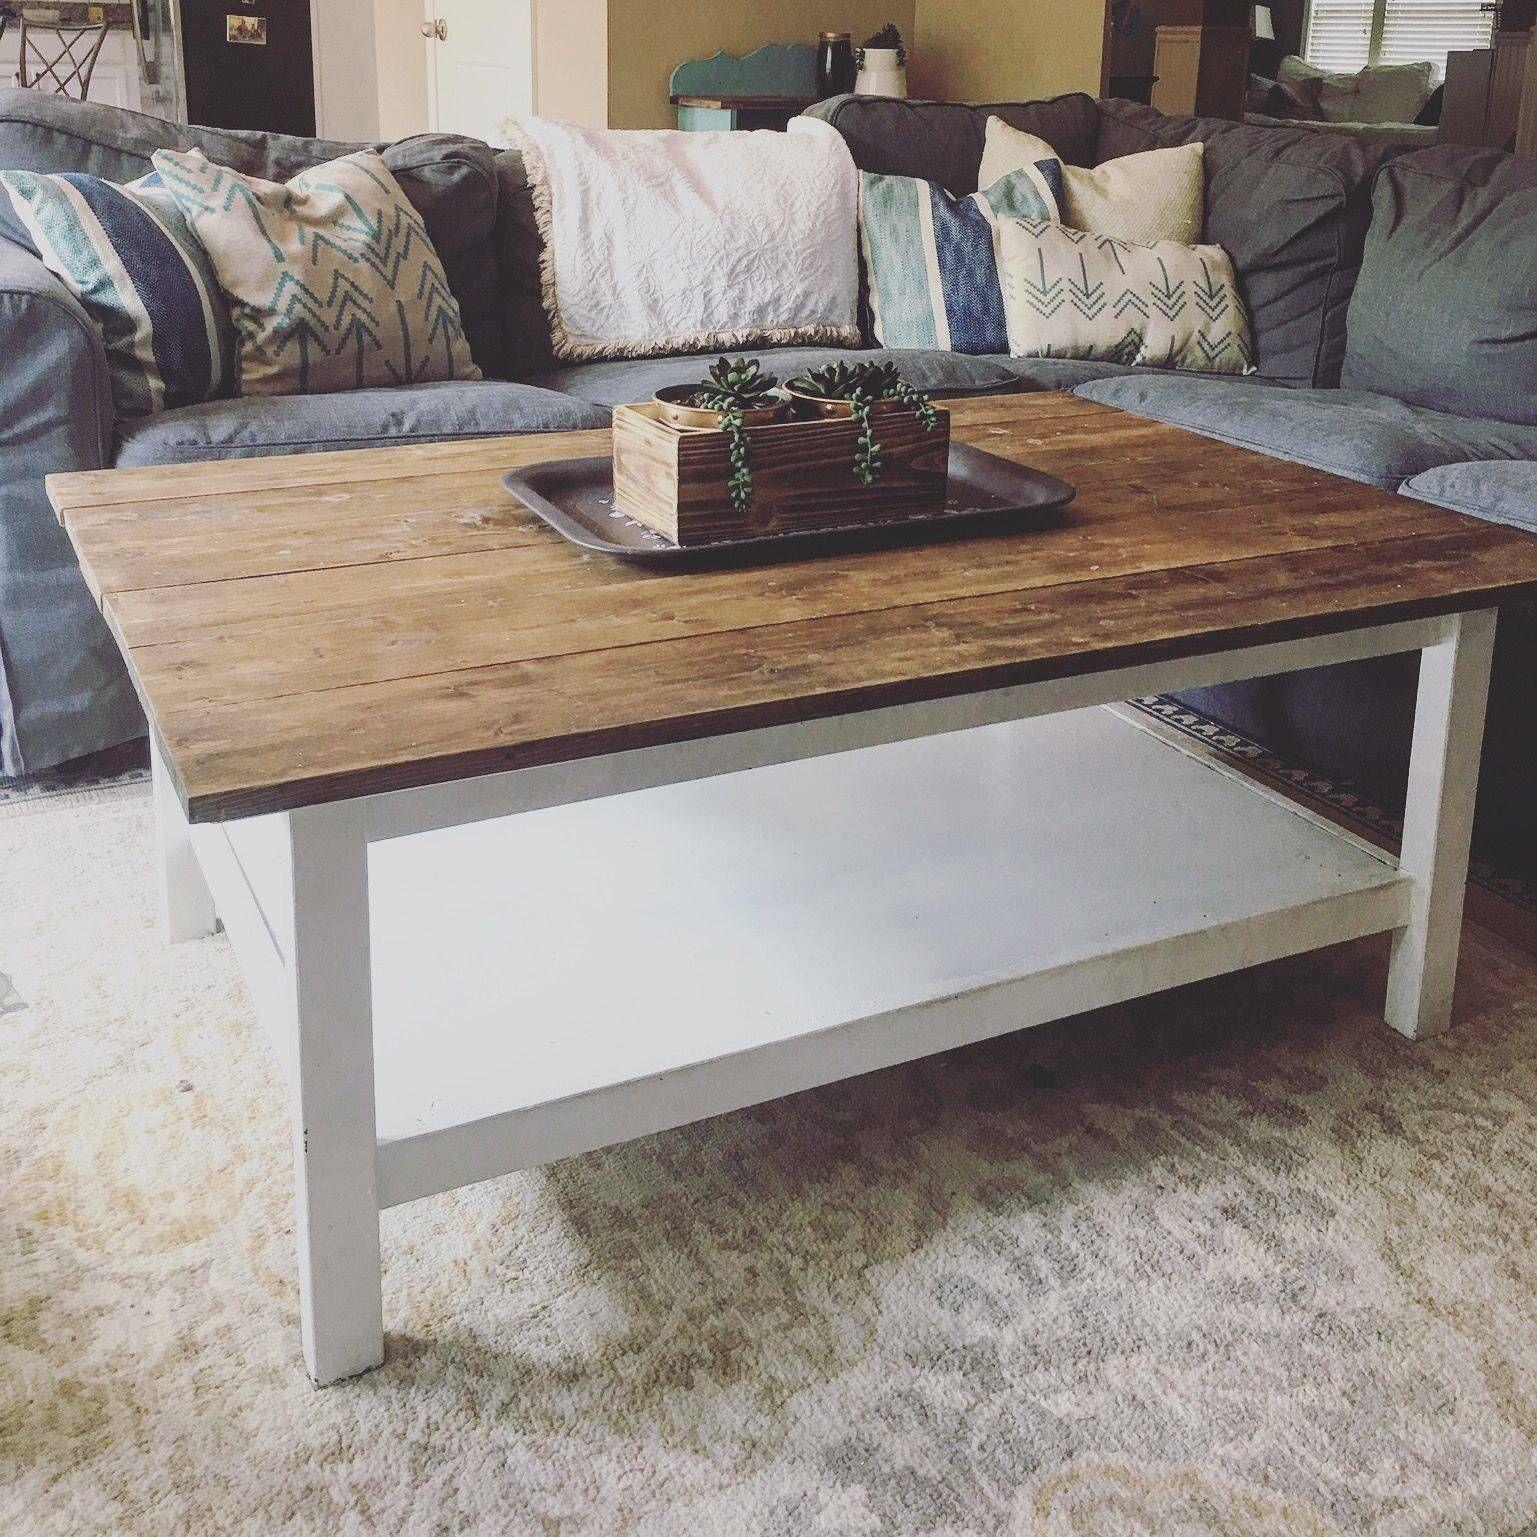 Fantastic Ikea Malm Coffee Table Homedecoration Homedecor Interiordesign Interior Home Decorating In 2020 Ikea Coffee Table Coffee Table Farmhouse Coffee Table